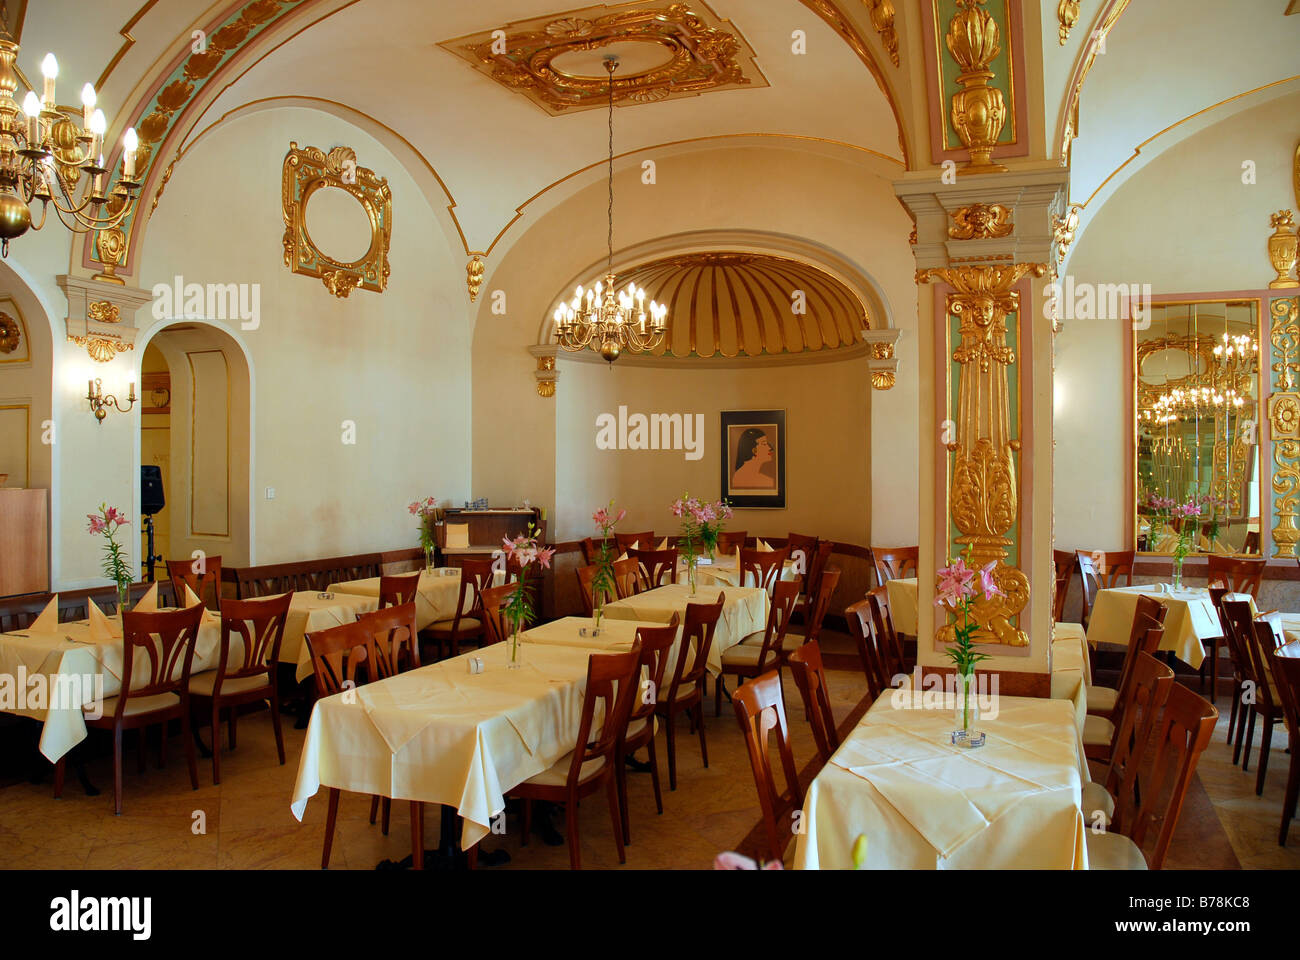 Keller-Restaurant Café Bistro Orlando, Innendekoration, Gold und ...